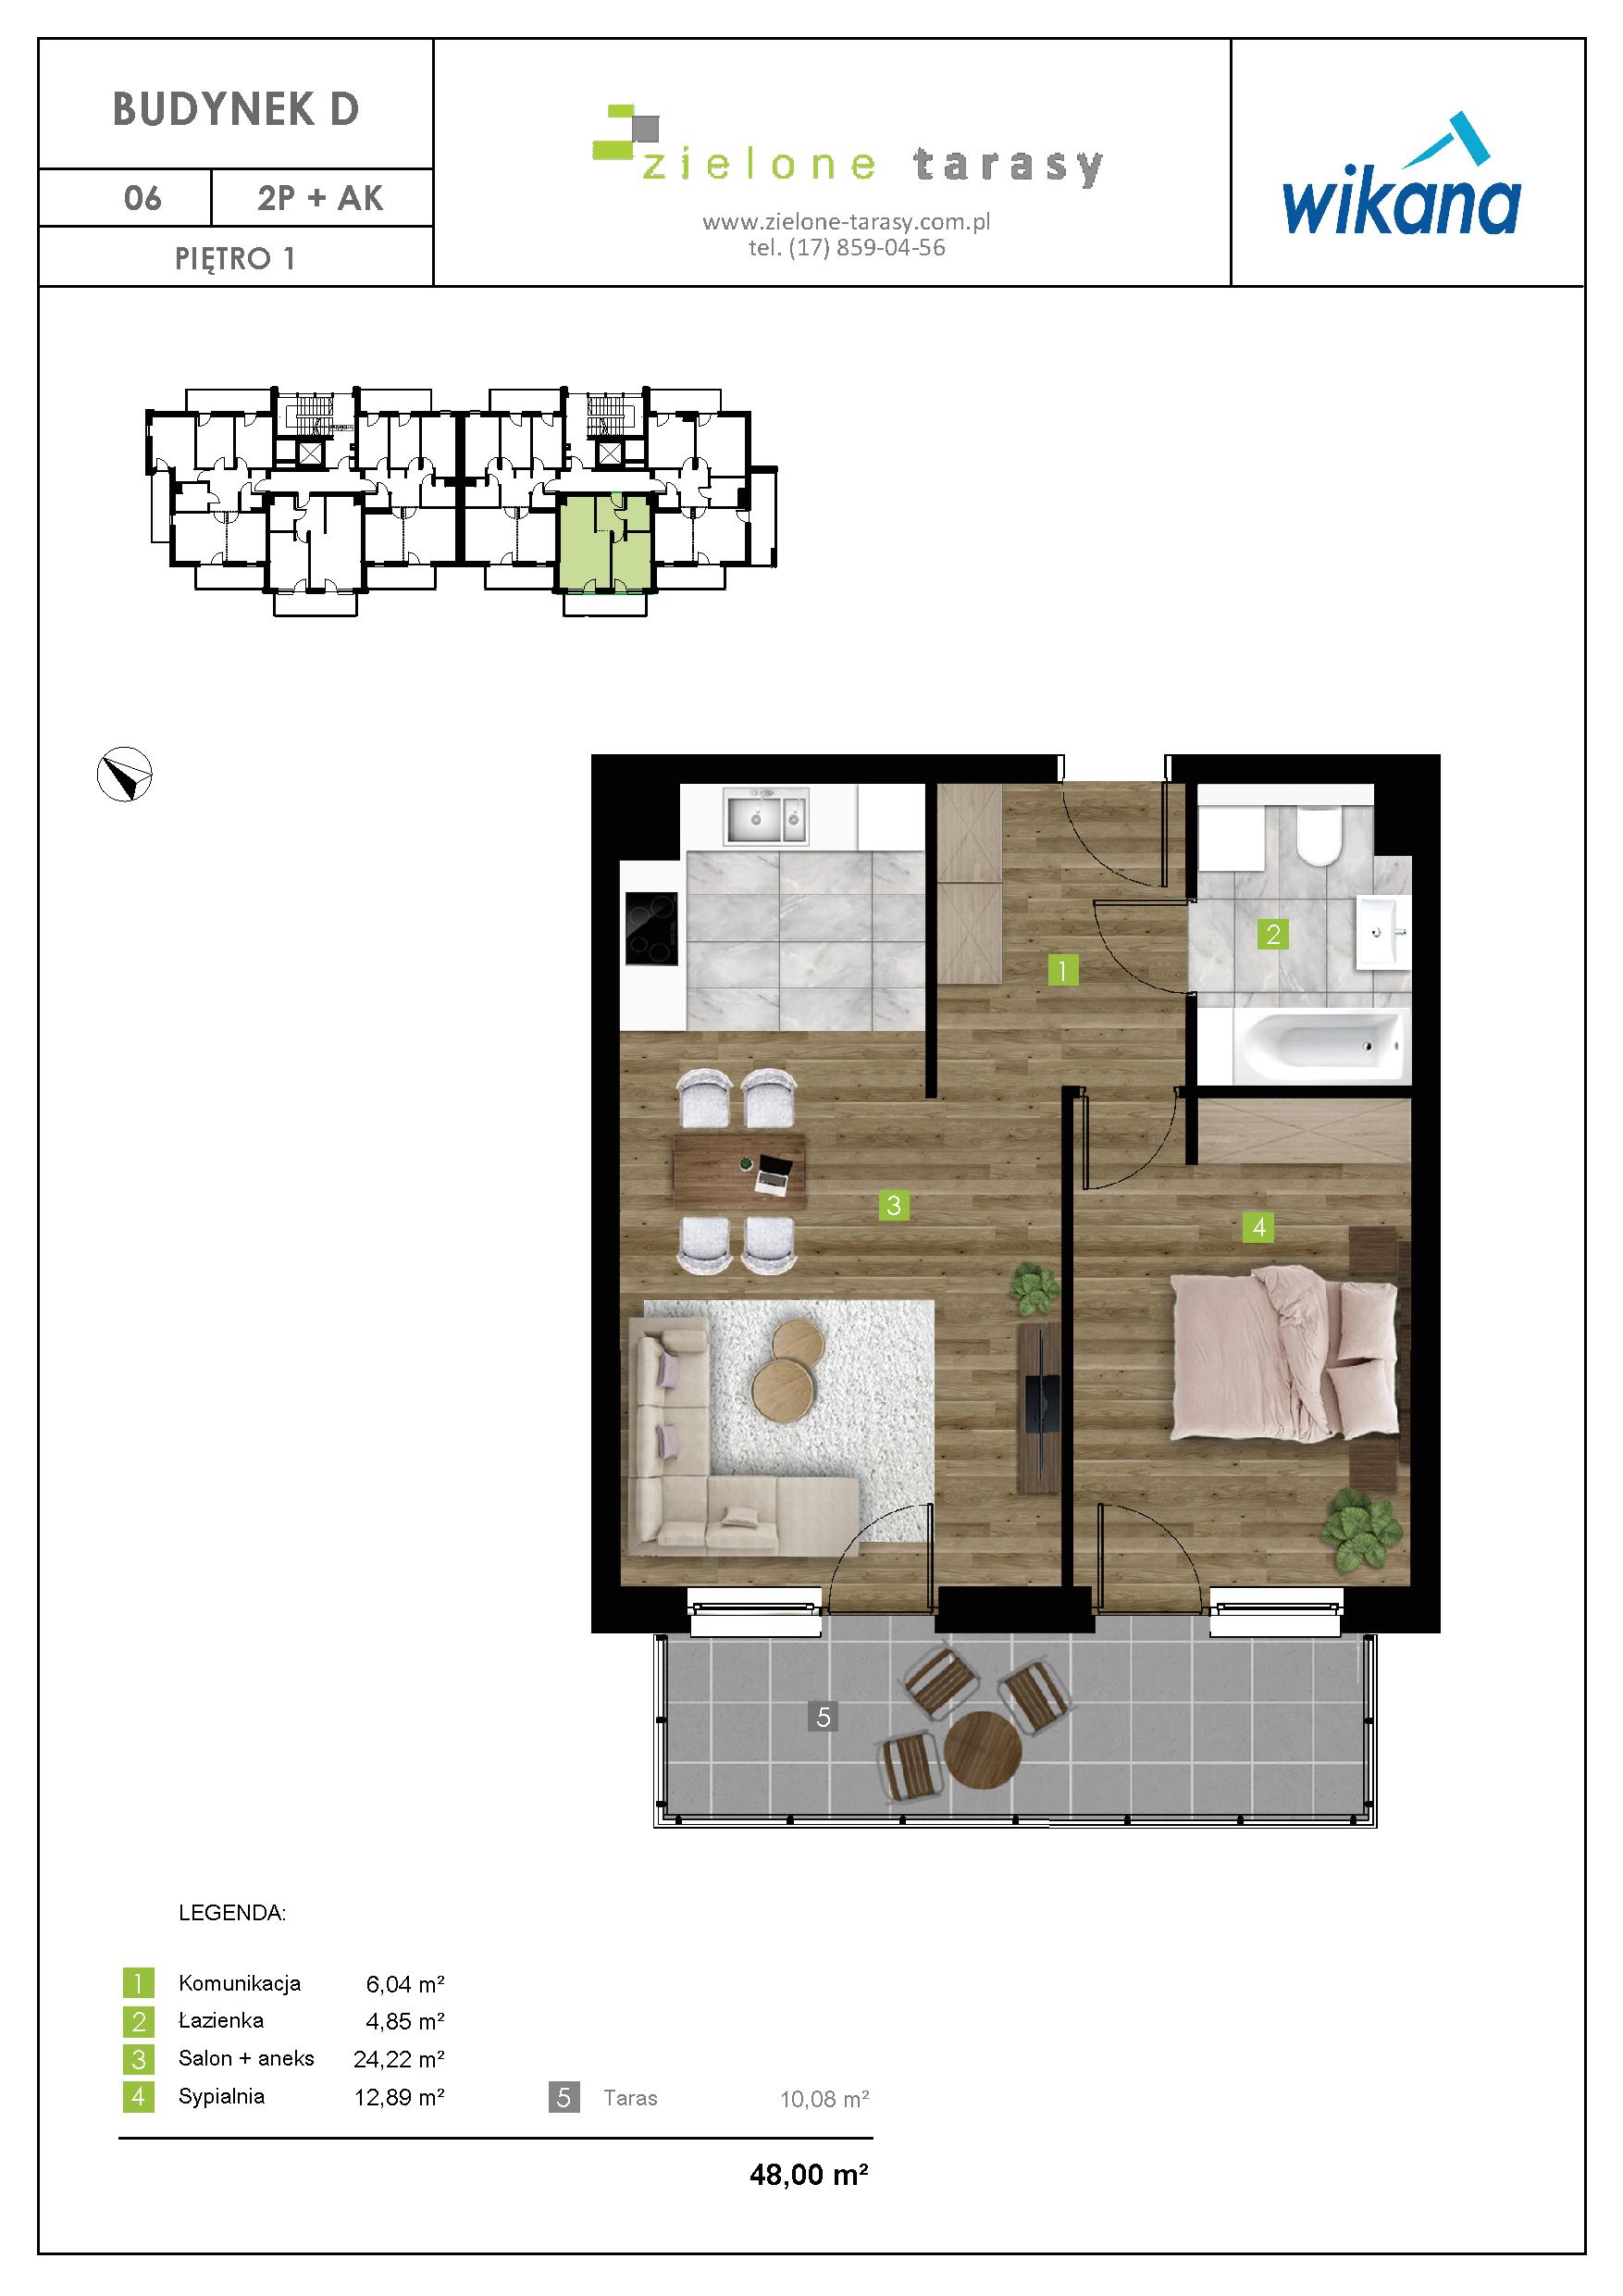 sprzedaż mieszkań rzeszów - D-06